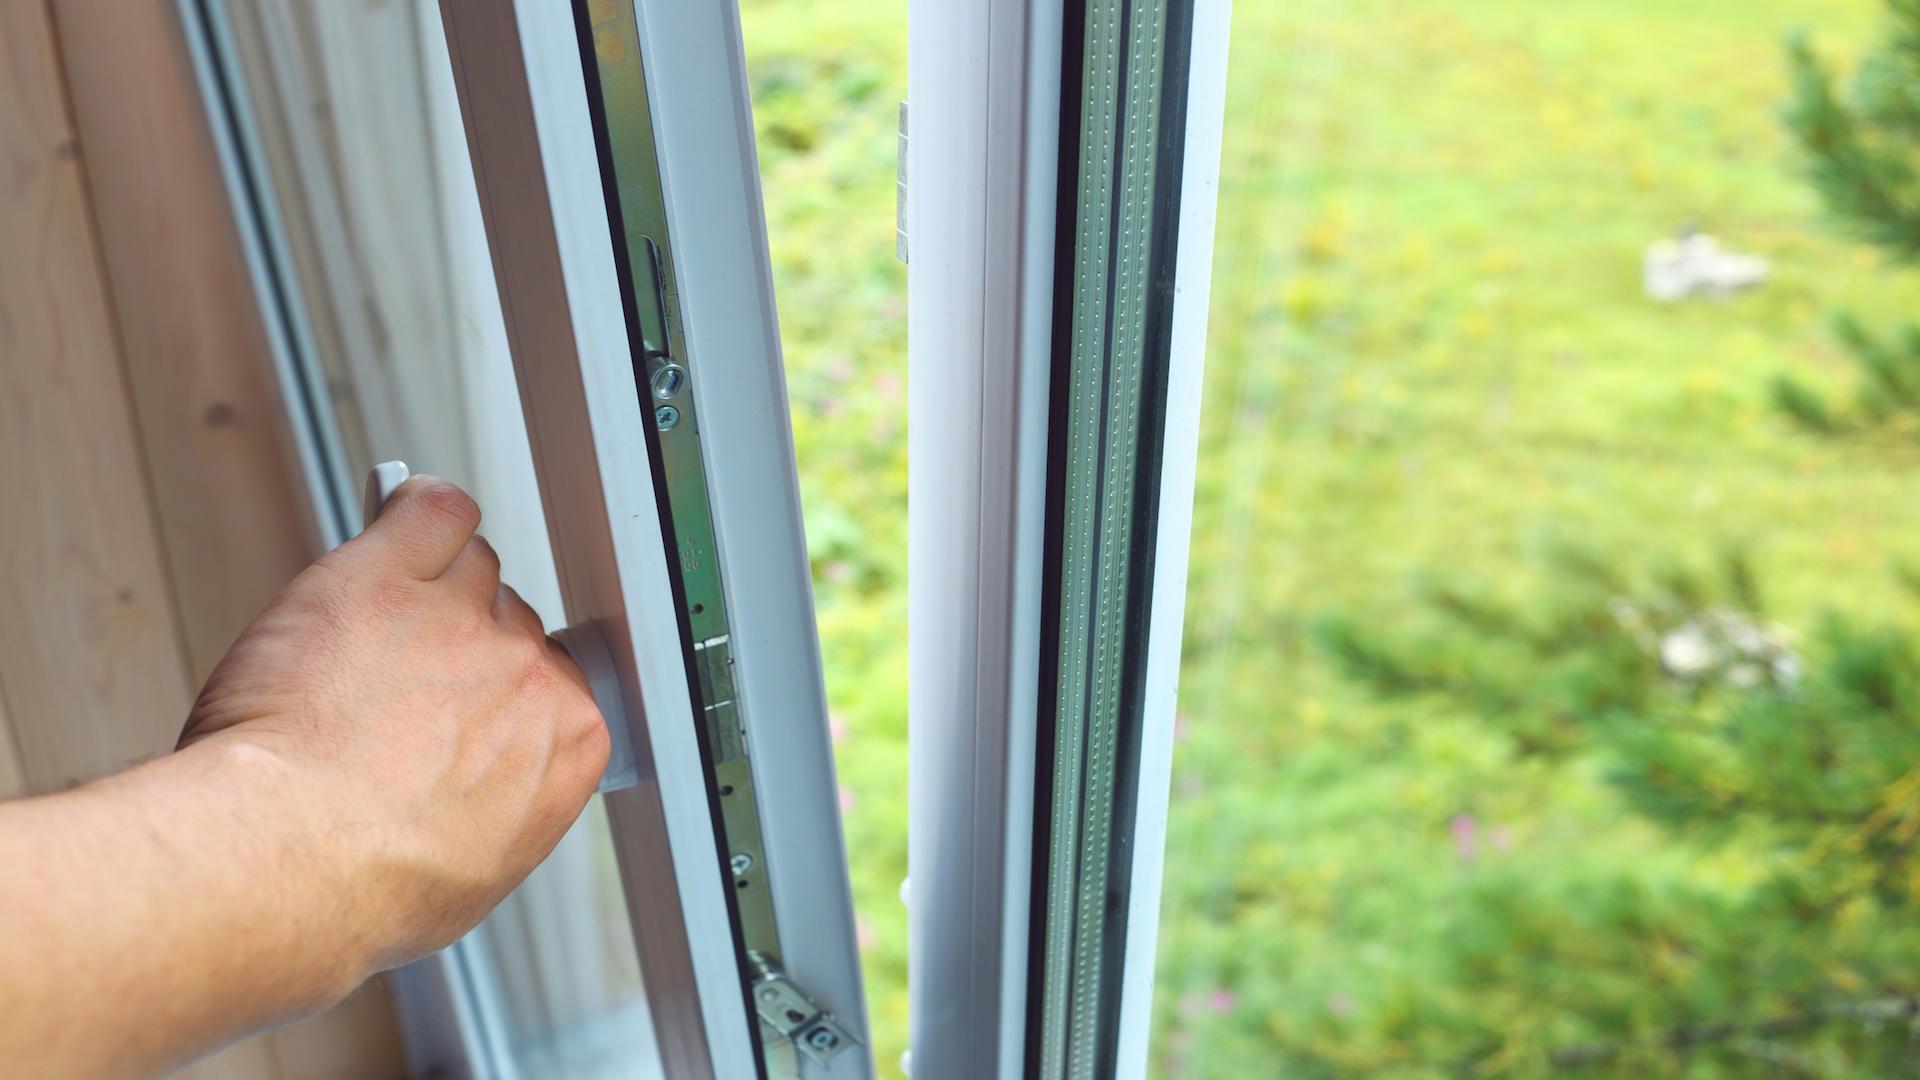 Huilage, graissage de porte et fenêtre